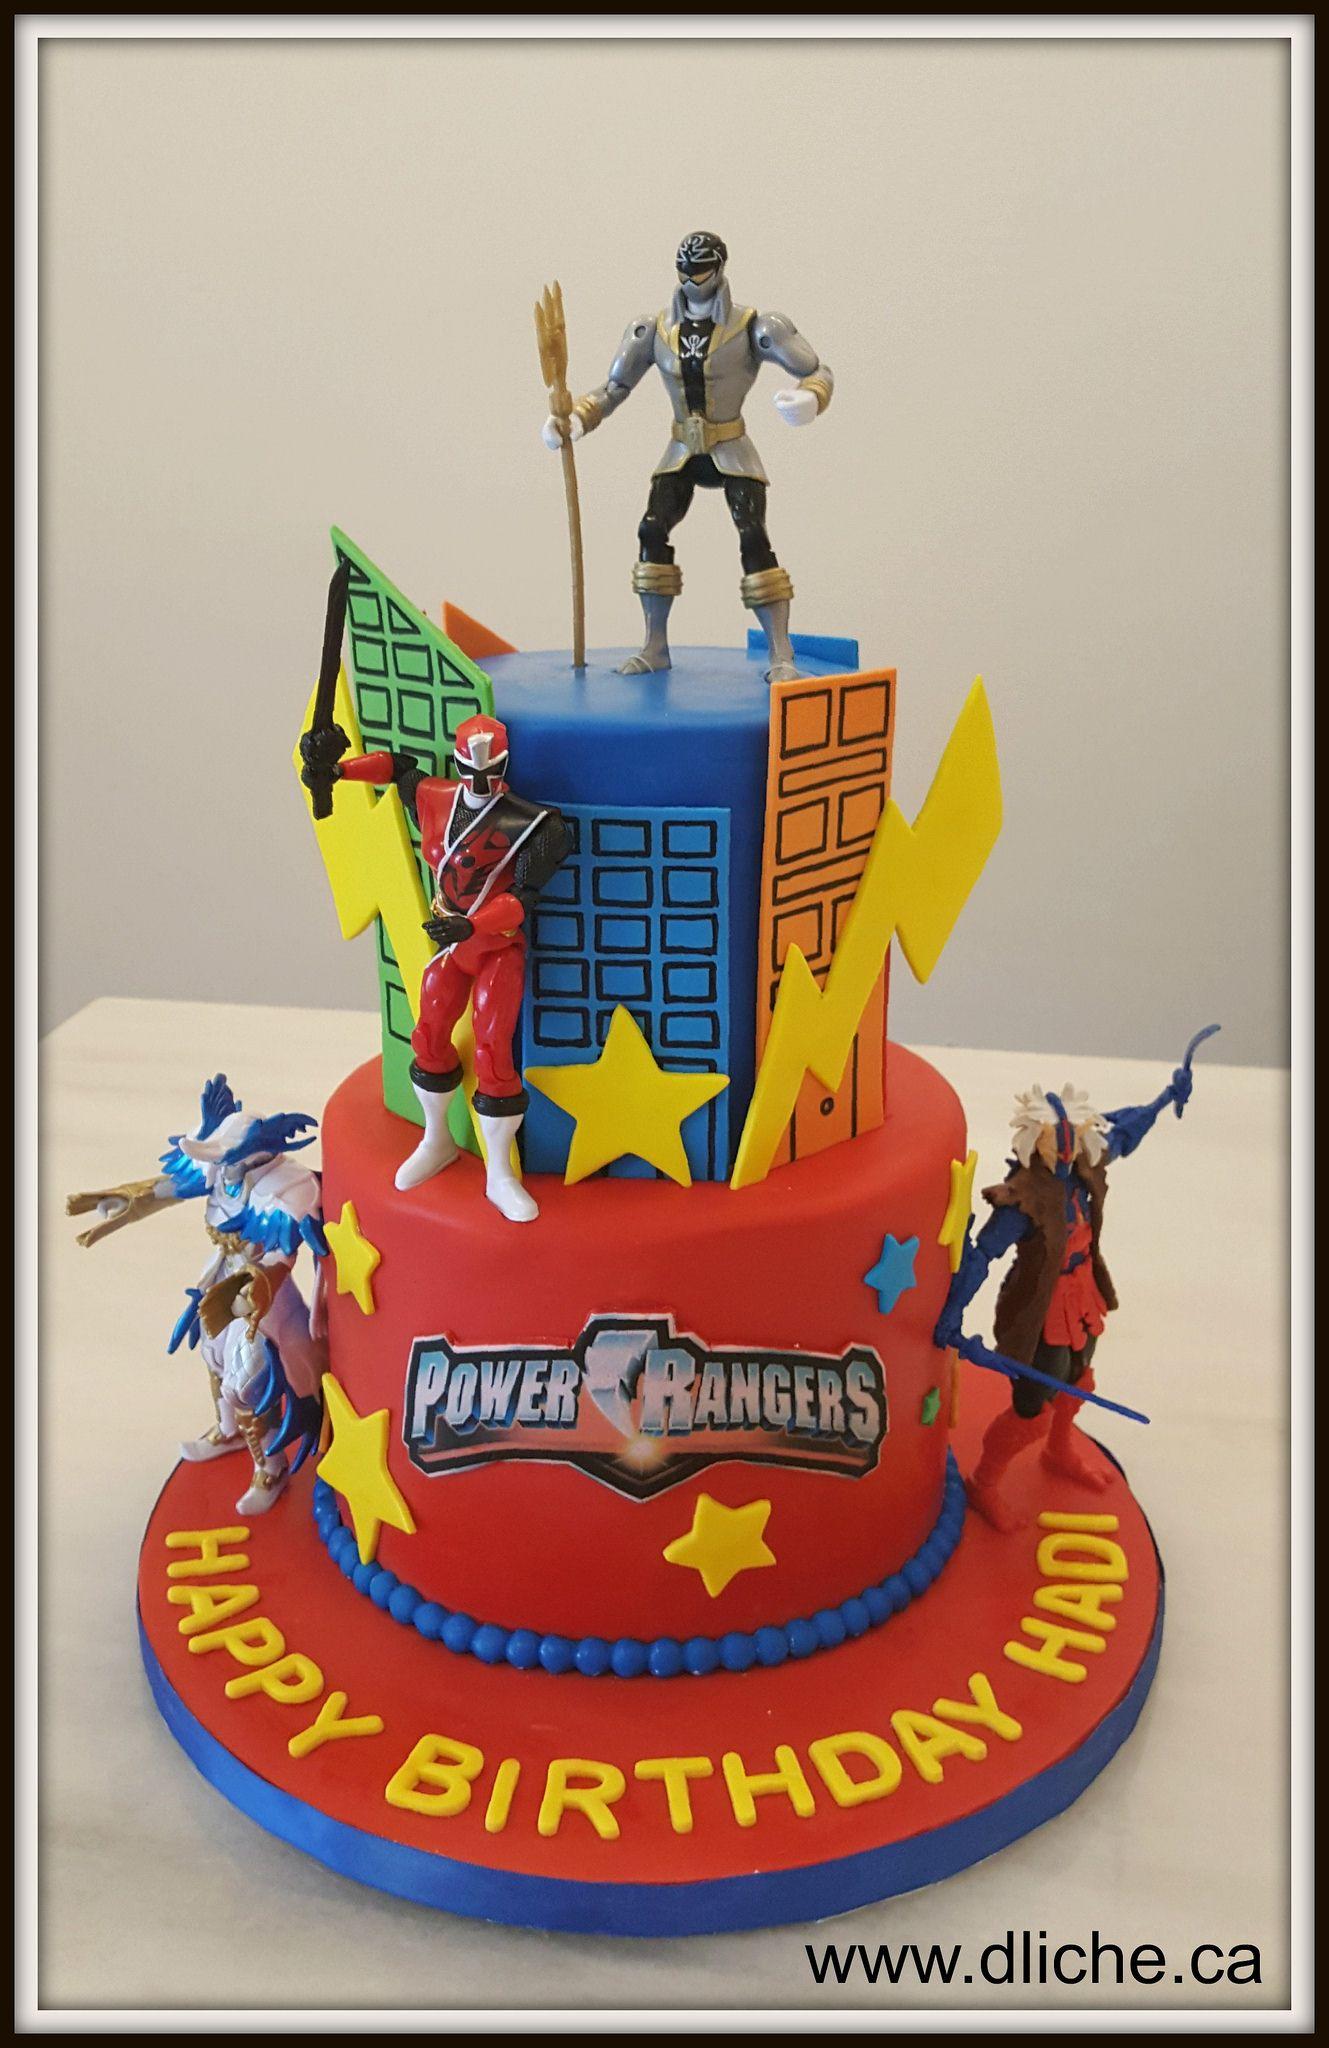 Magnificent Power Rangers Cake Vous Desirez Un Gateau Dexception Pour Personalised Birthday Cards Veneteletsinfo